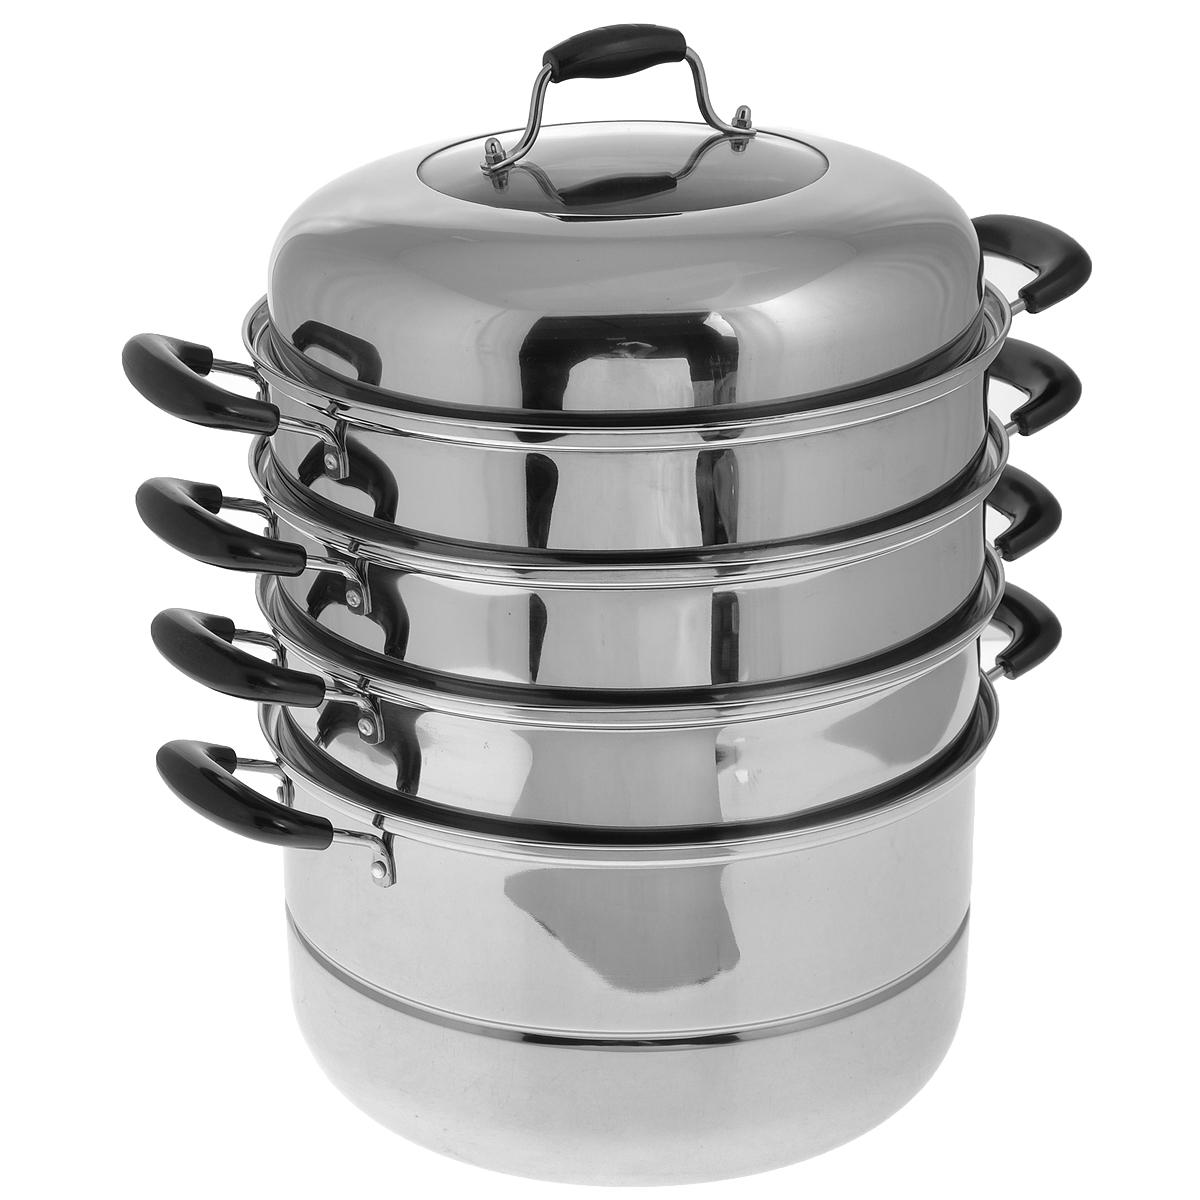 """Четырехъярусная мантоварка """"Mayer & Boch"""" изготовлена из нержавеющей стали  с зеркальной полировкой.  Изделие состоит из основной емкости-кастрюли, трех секций с отверстиями,  сетки и крышки. Специальный  многоуровневый дизайн позволяет готовить до четырех различных блюд  одновременно. Идеально подходит  для национальных блюд как манты, котлеты, овощи, пельмени на пару и многое  другое.  Блюда, приготовленные на пару, являются самыми здоровыми и полезными, так  как при их приготовлении не  используется масло и жир. Они сохраняют все питательные вещества и  витамины.  Мантоварка оснащена удобными ручками из бакелита черного цвета. Крышка из  нержавеющей стали оснащена стеклянным окошком и бакелитовой ручкой.   Подходит для газовых, электрических, стеклокерамических плит. Можно мыть в  посудомоечной машине. Объем кастрюли: 10,4 л. Диаметр: 30 см. Общая высота (в собранном виде, без учета крышки): 34 см. Диаметр основания: 26,5 см."""